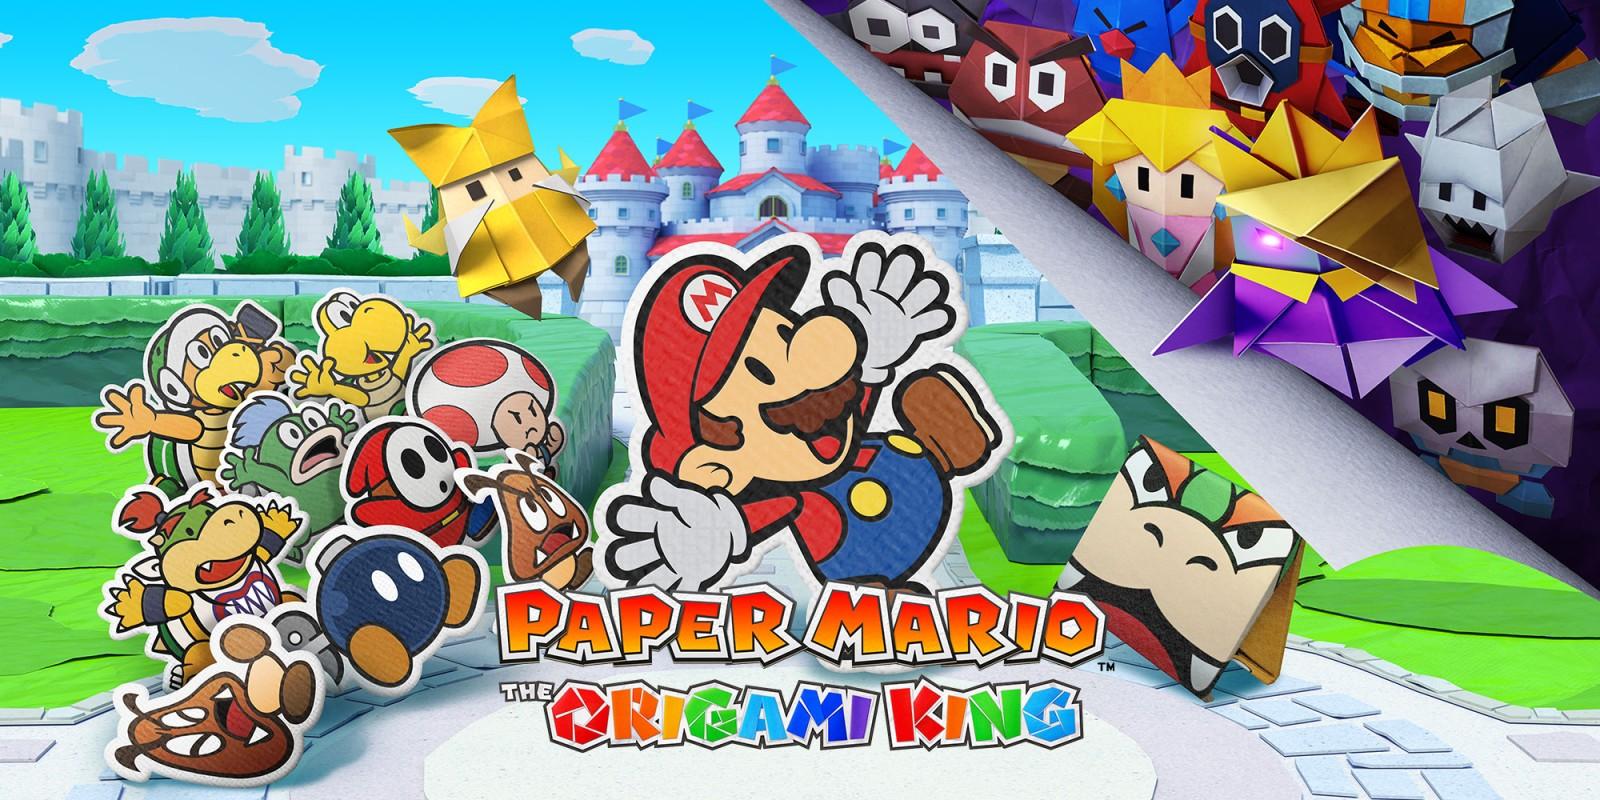 عنوان جالب و خلاقانه Paper Mario: Origami King